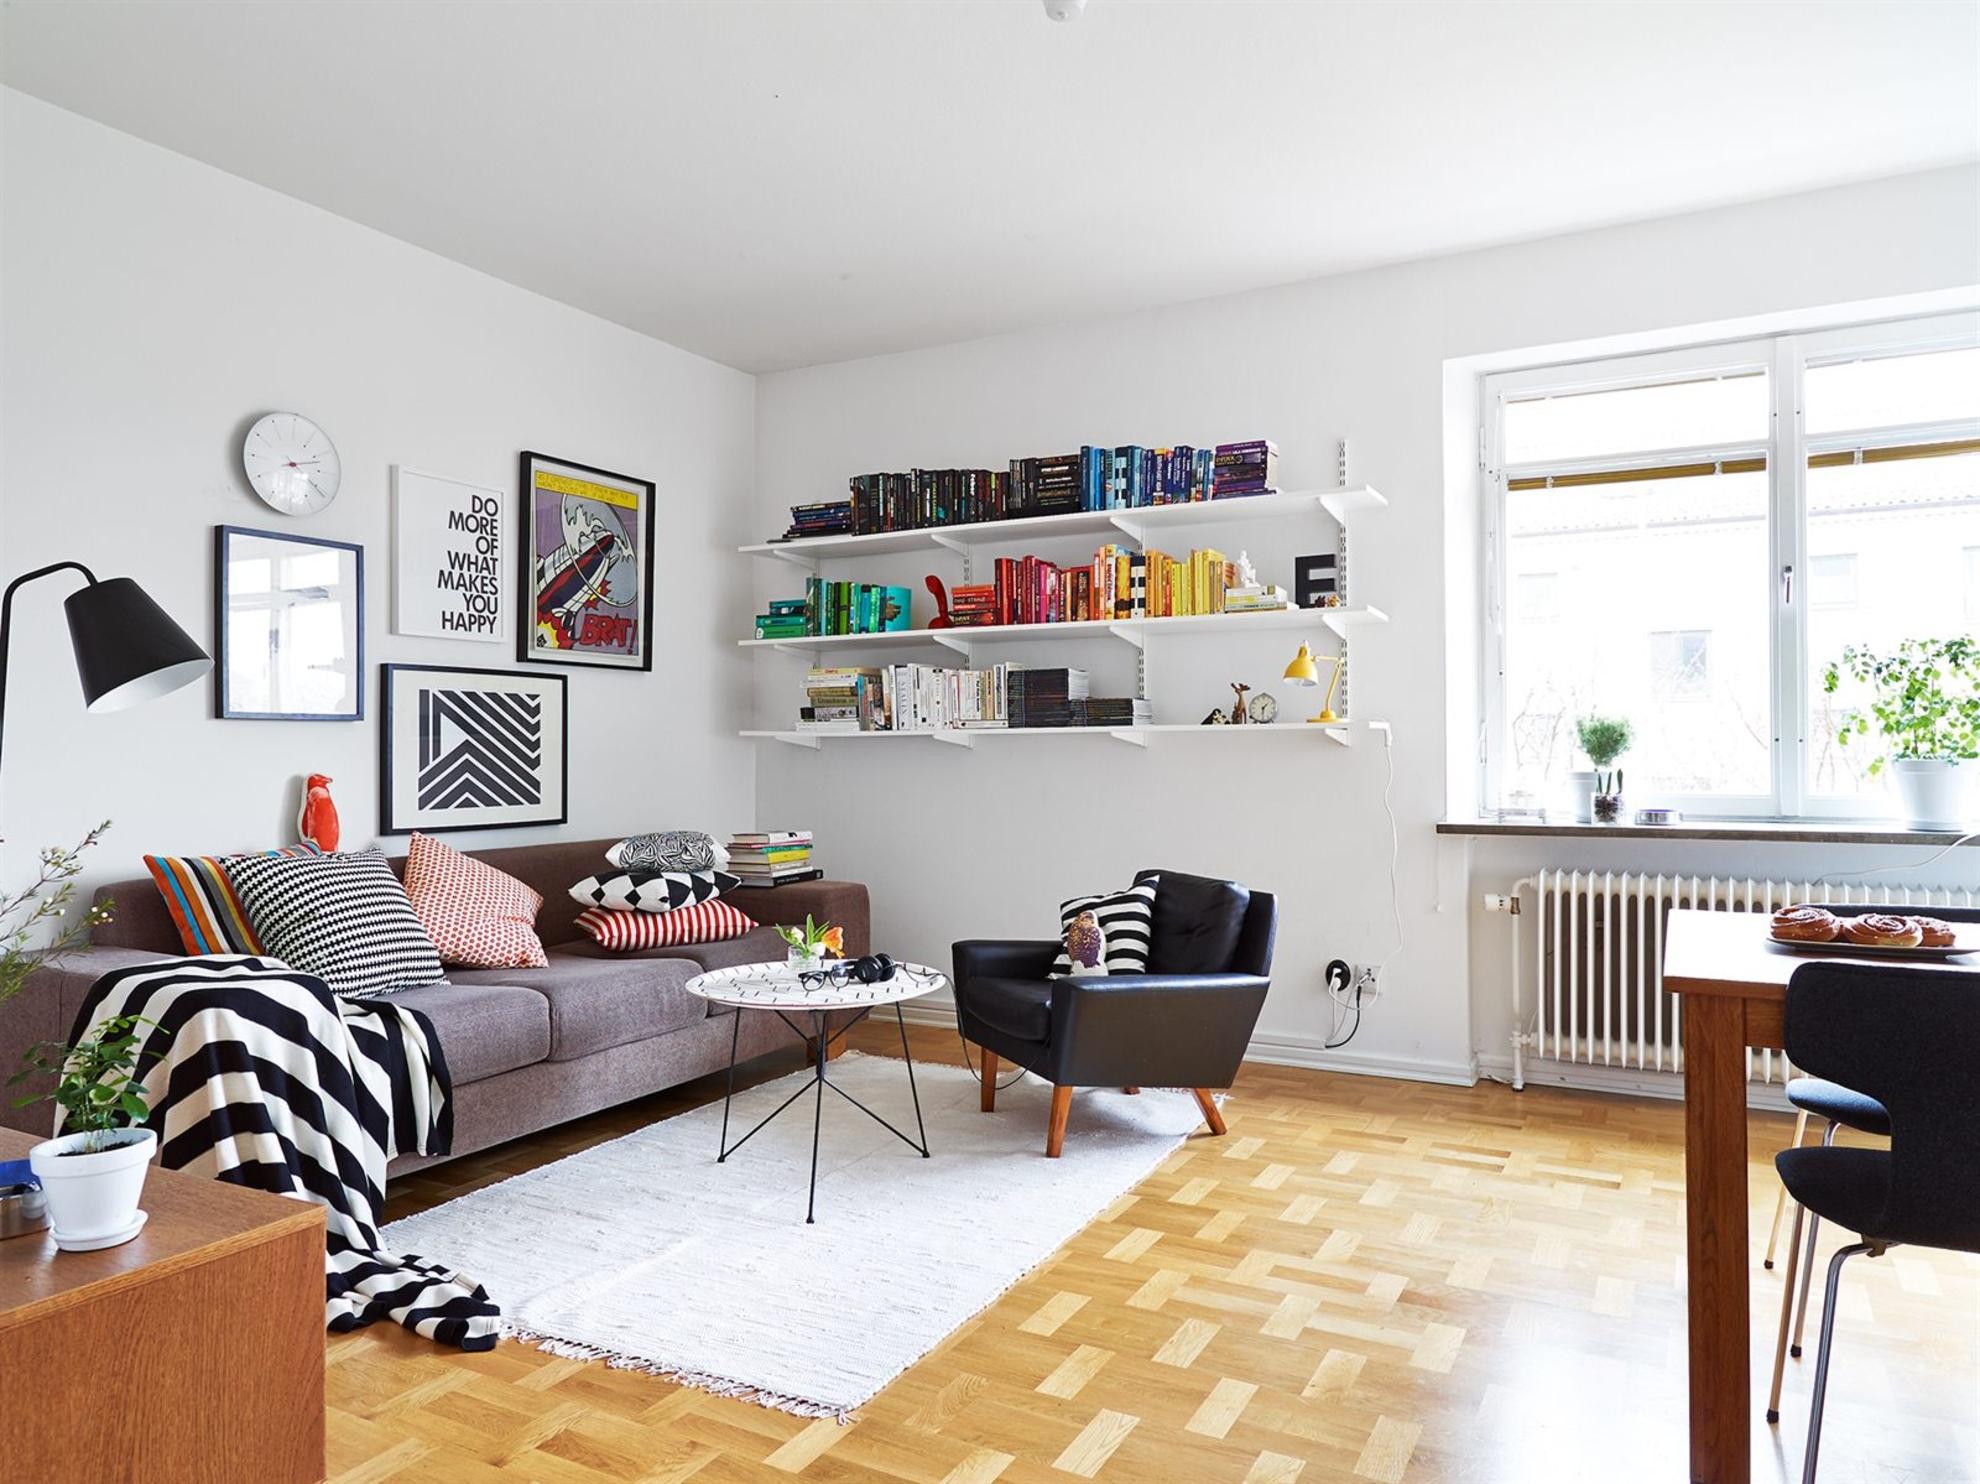 & 8 Desain Interior Rumah Mungil Yang Nggak Menguras Budget